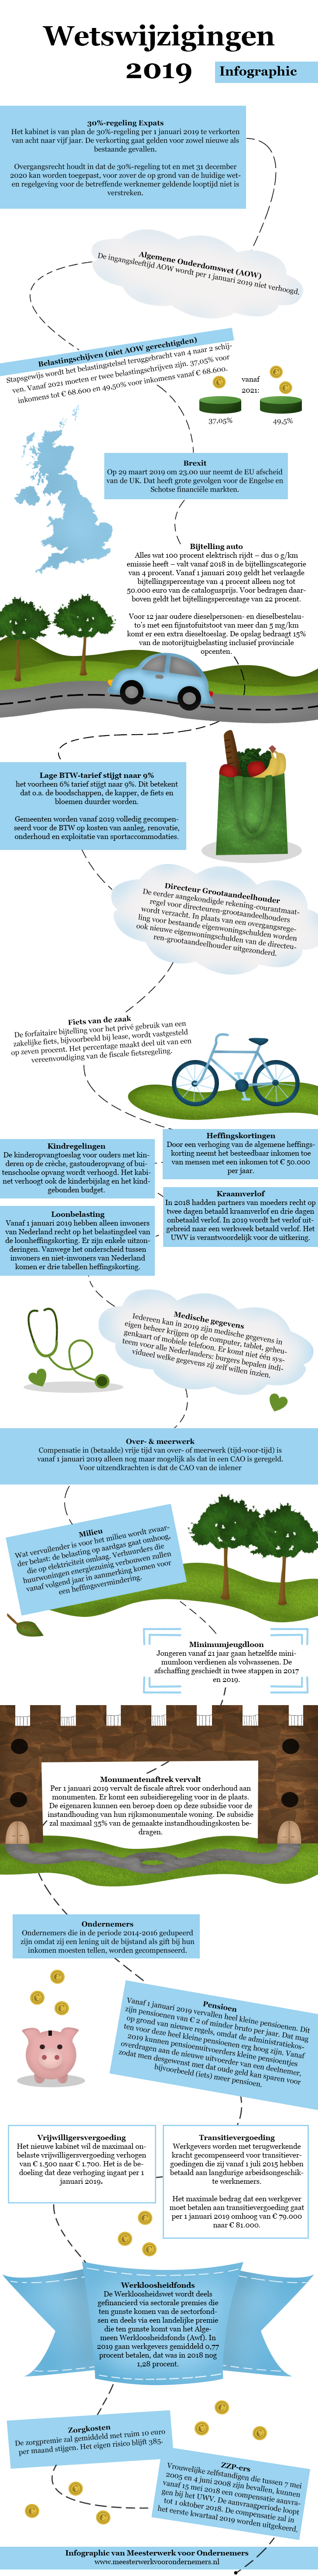 Infographic-Wetswijzigingen-Meesterwerk-voor-Ondernemers